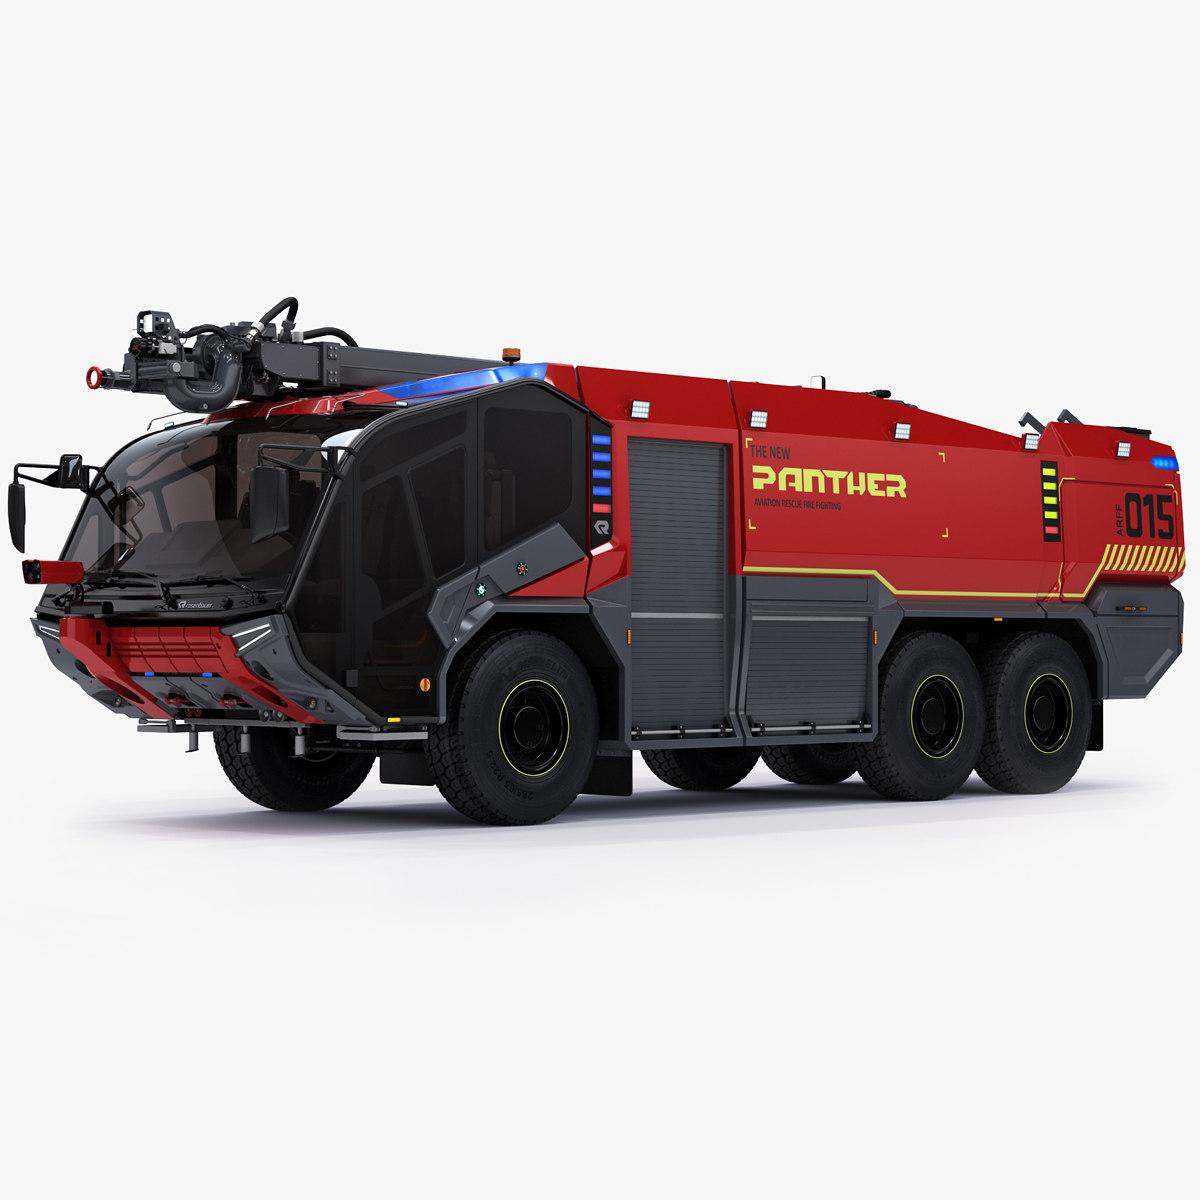 New Truck Models | Autos Post